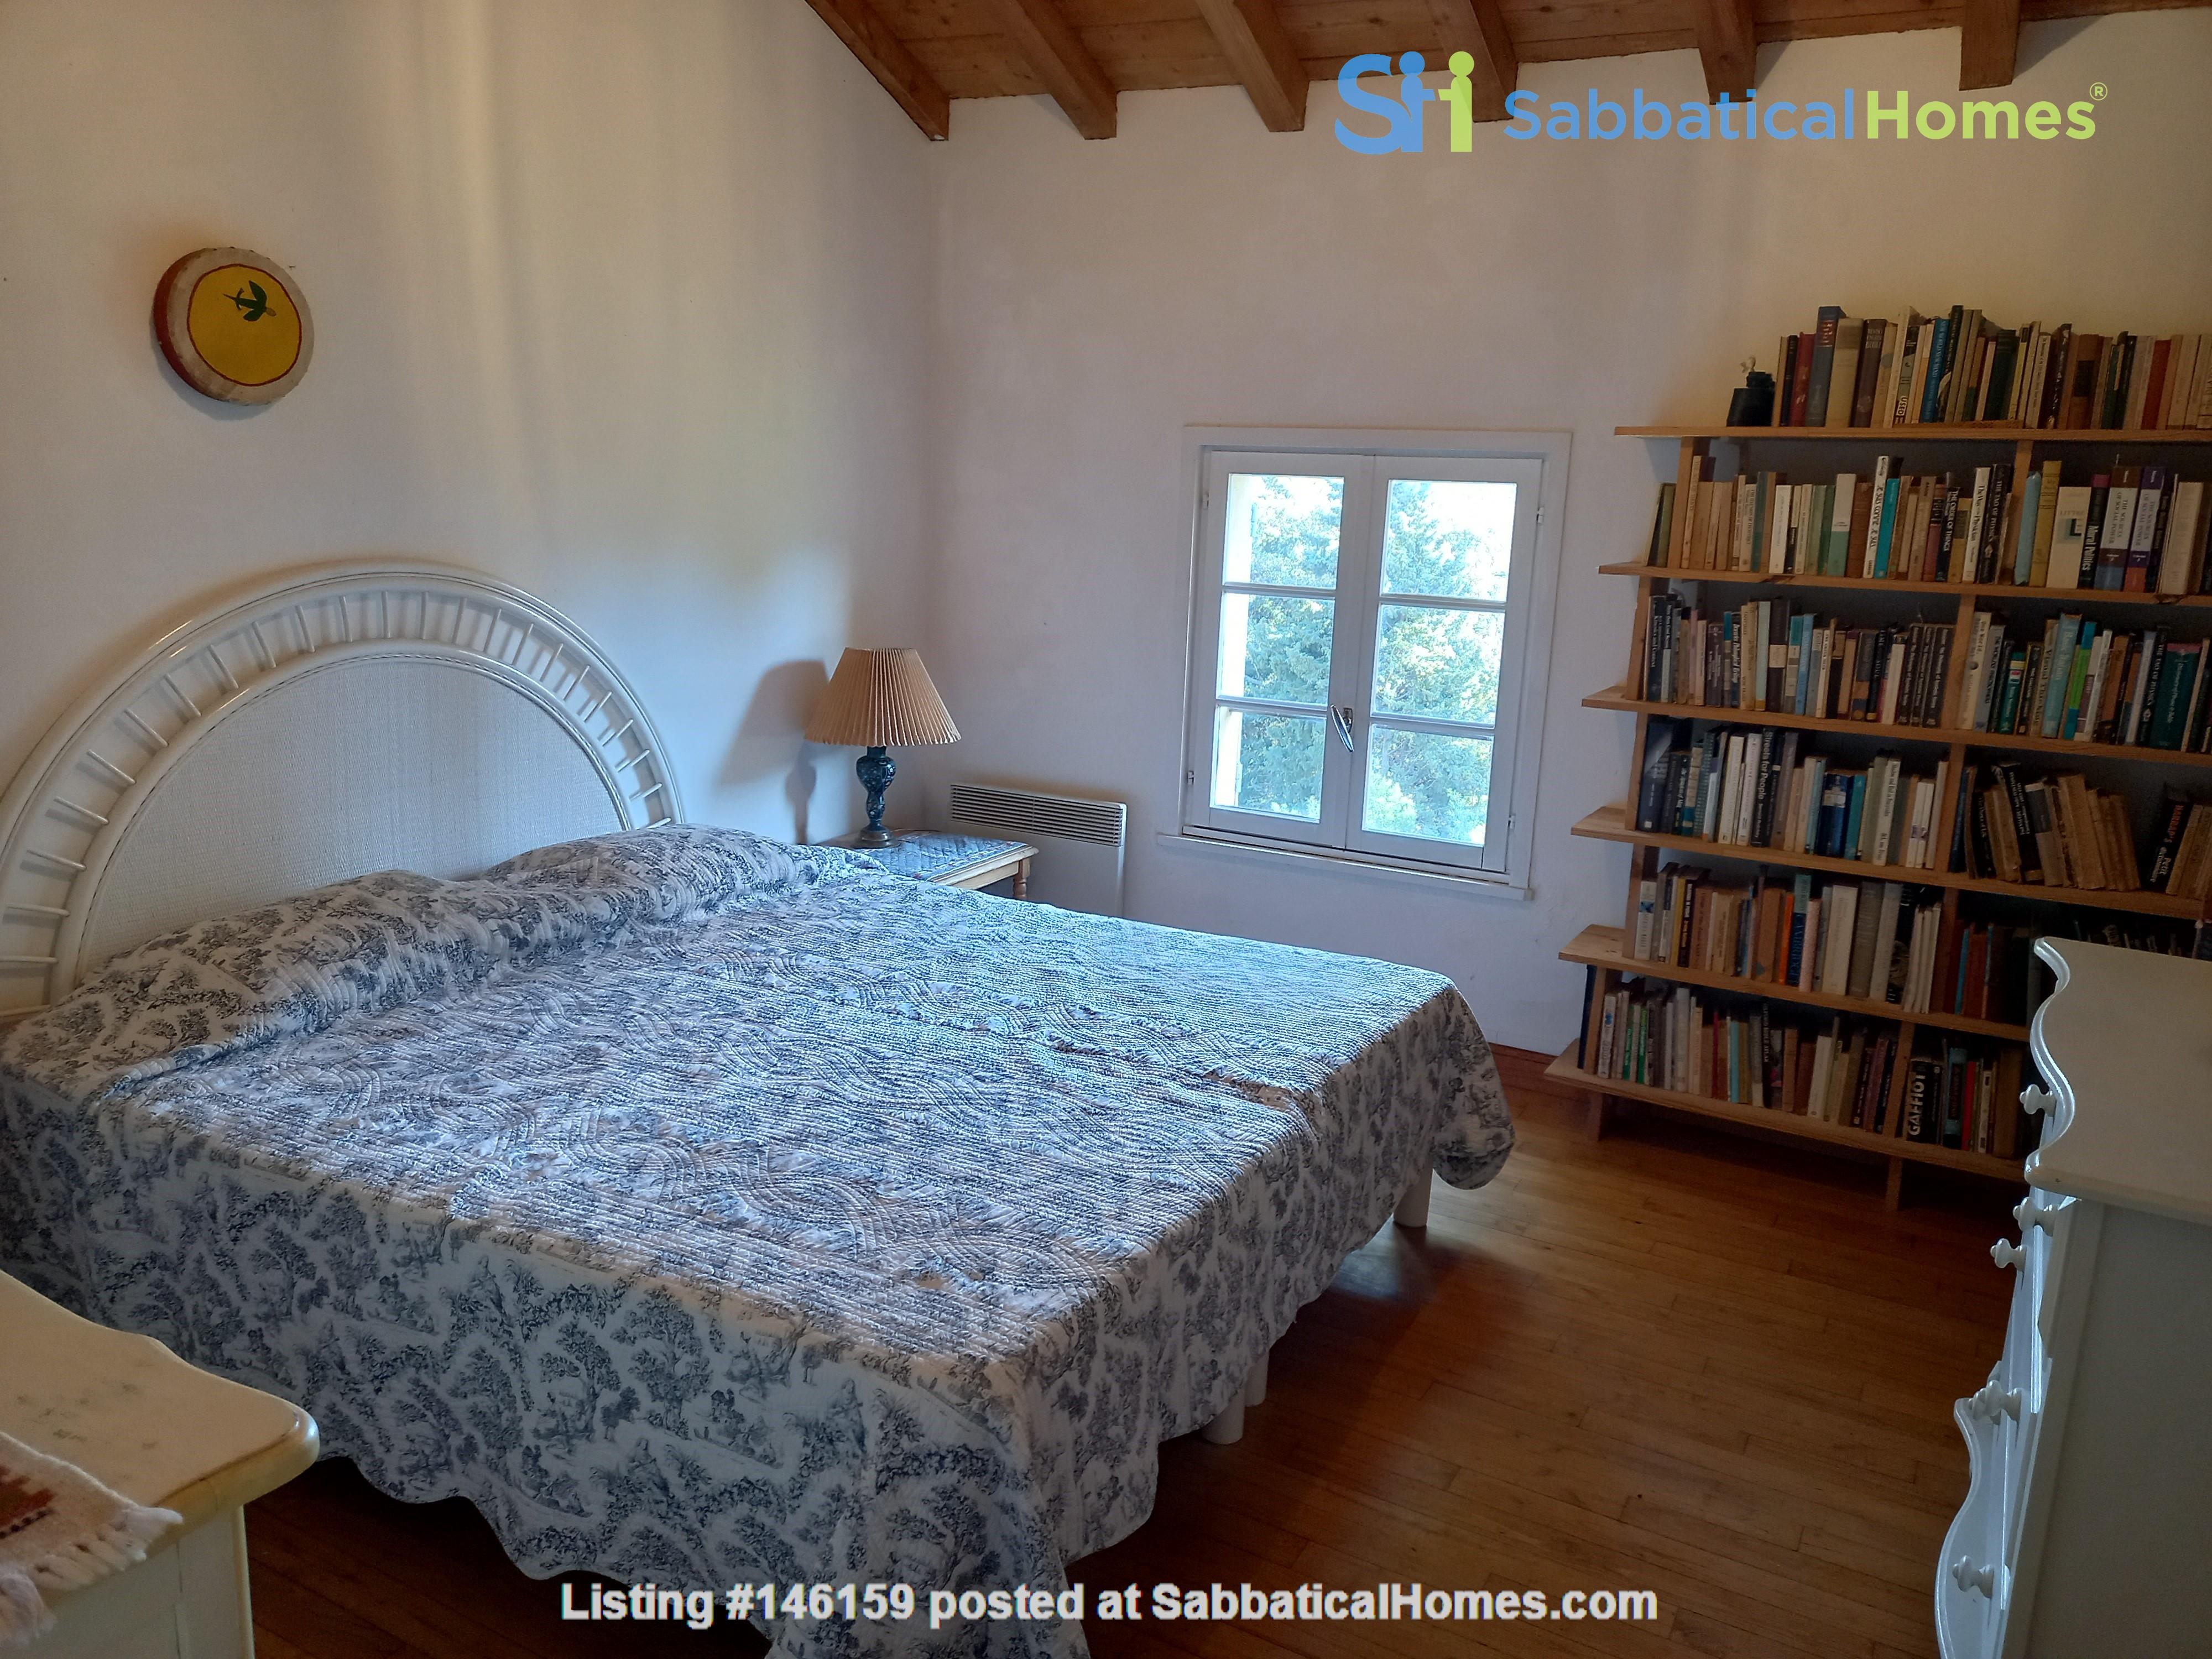 house for rent near Le Lavandou France for a 6 month term(negotiable) Home Rental in Le Lavandou 3